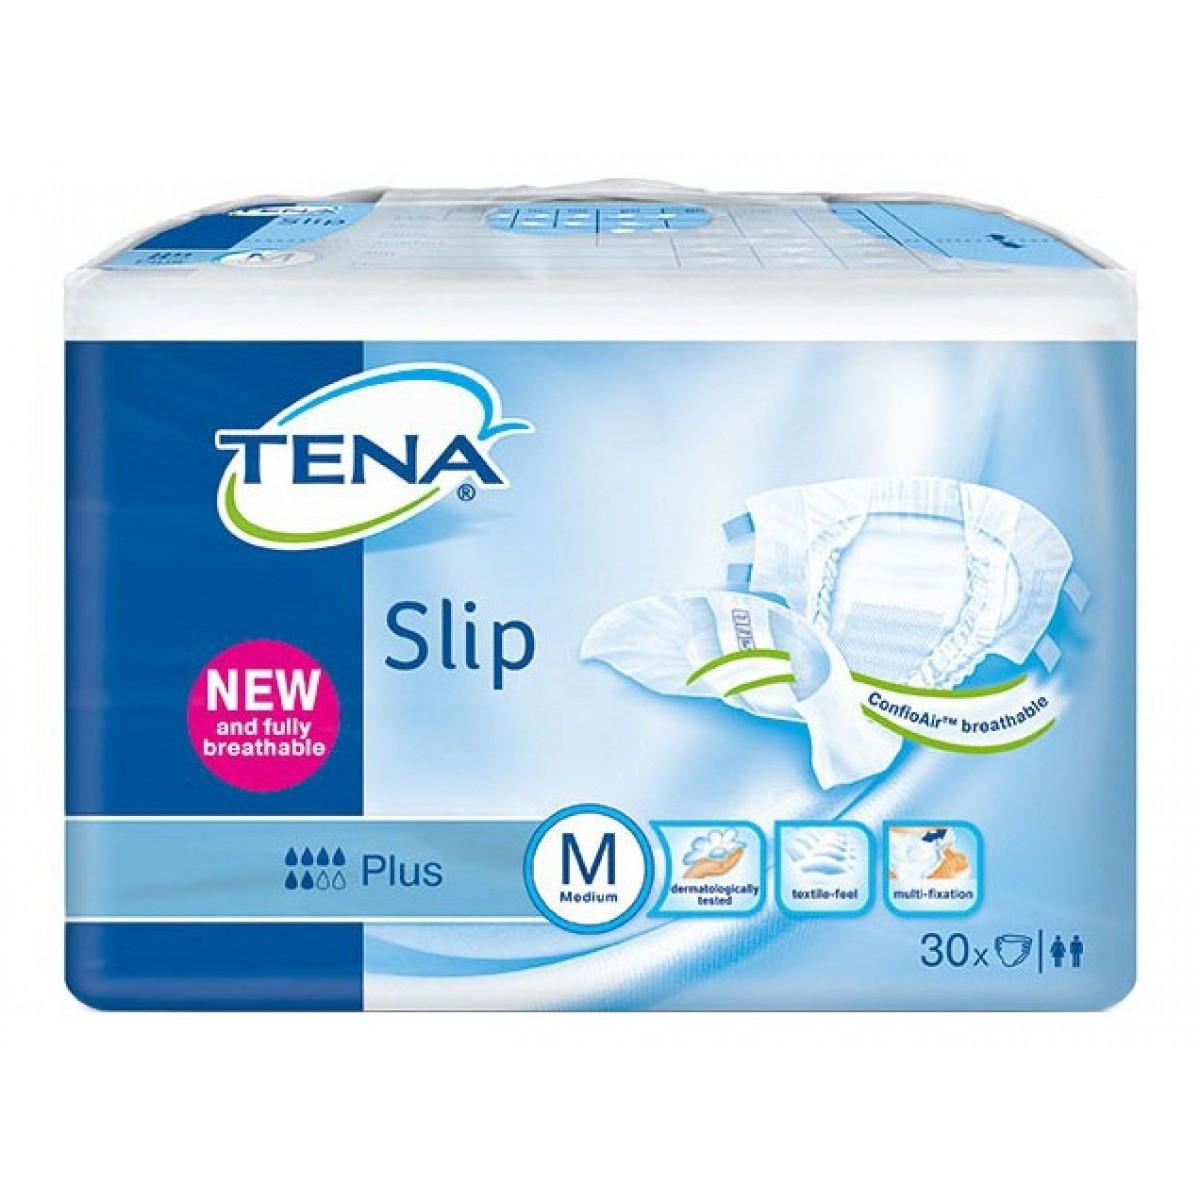 Подгузники для взрослых Tena Slip Plus Medium(дышащие) обхва талии 80-120см